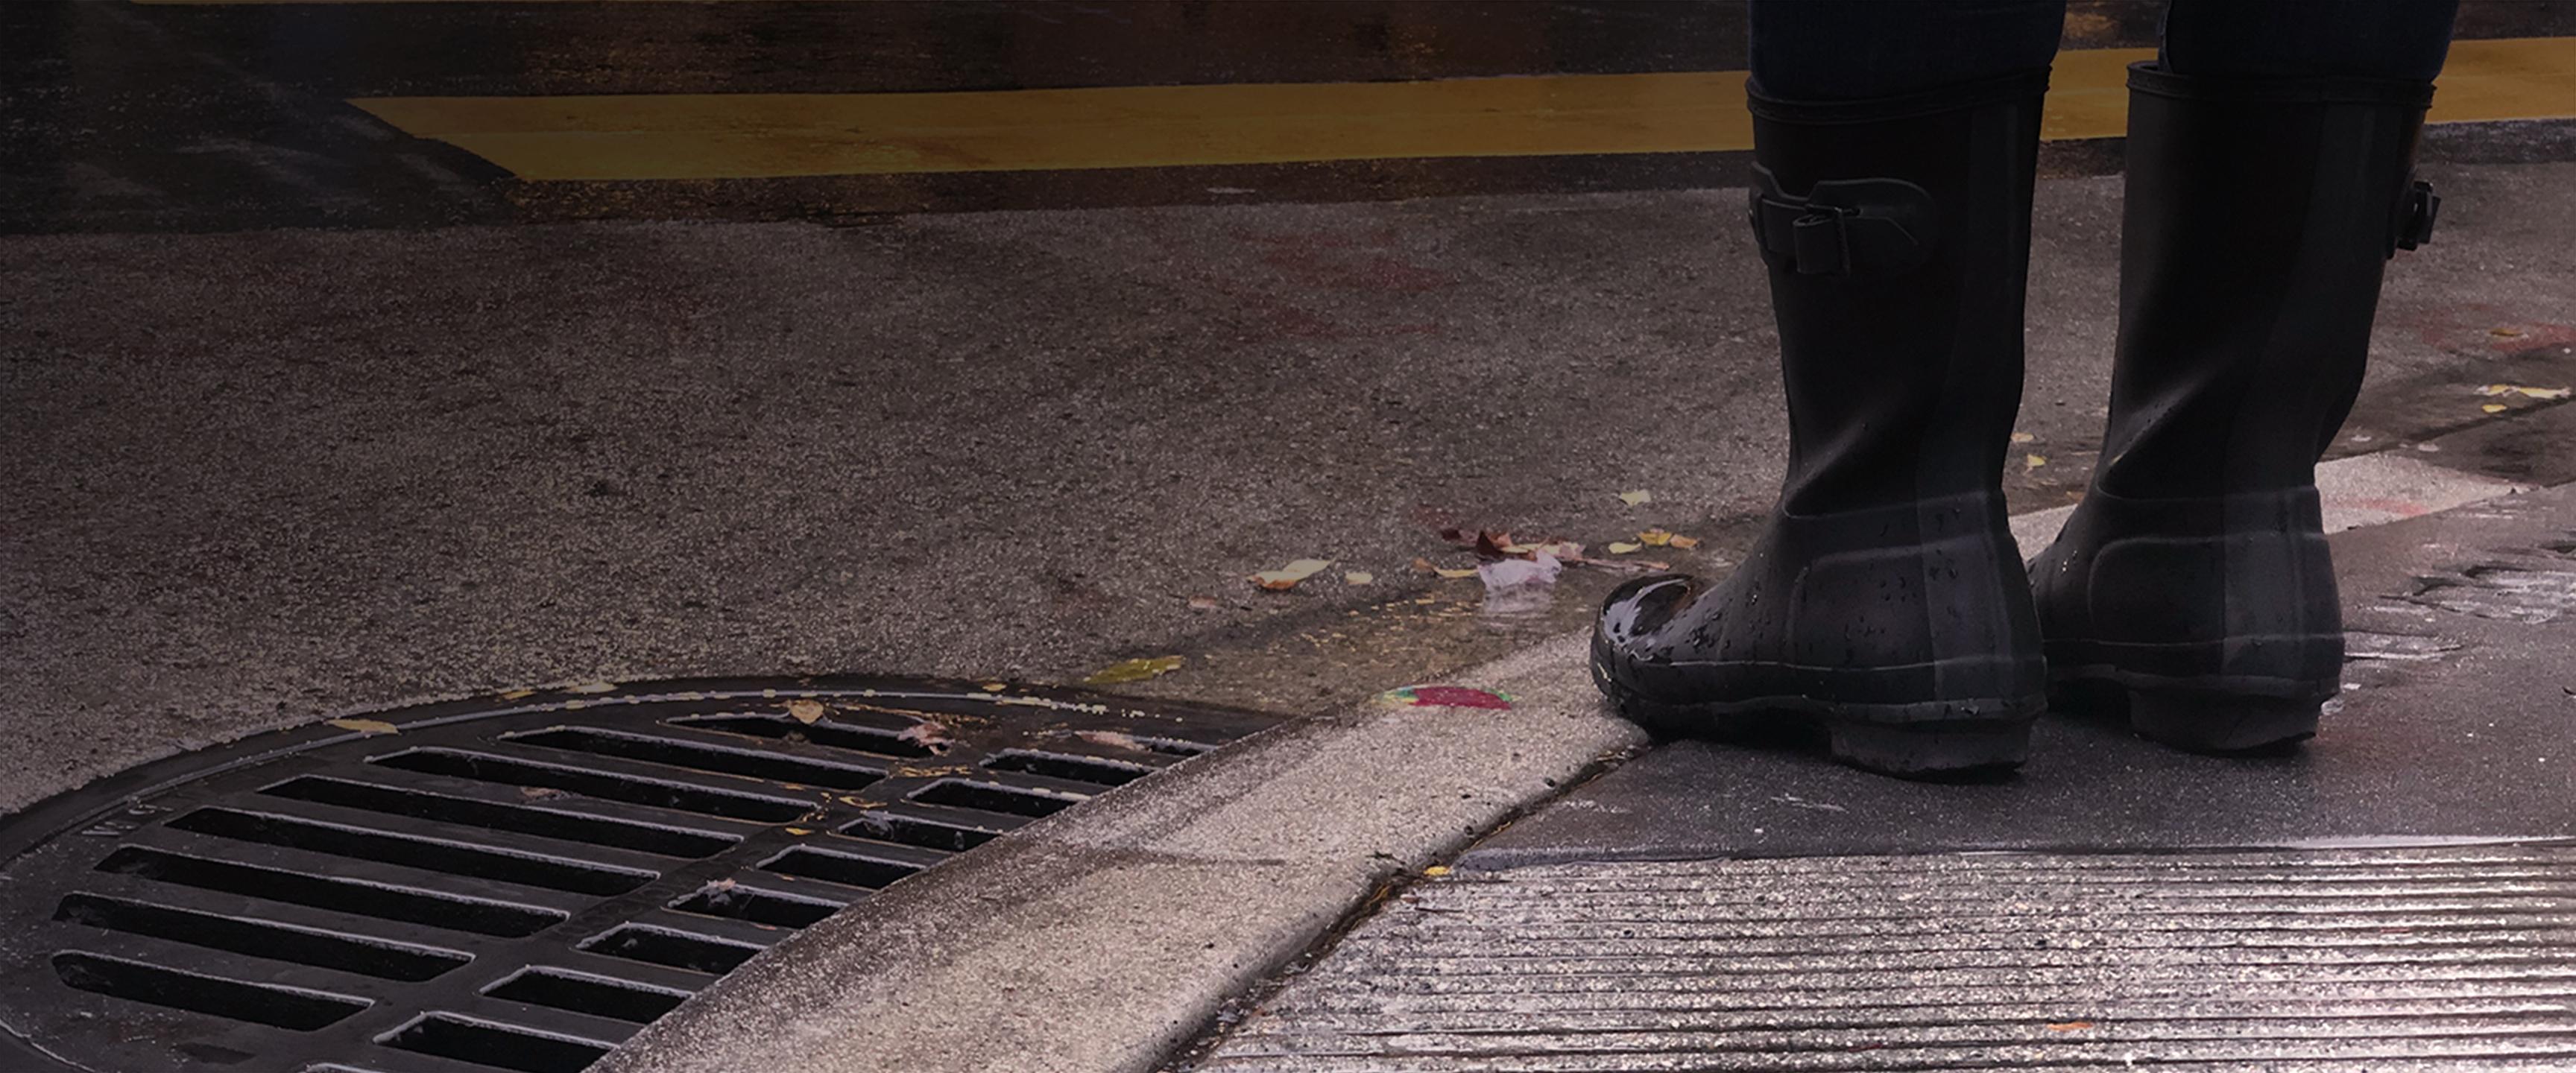 ủng đi mưa đứng lề đường bên cống thoát nước